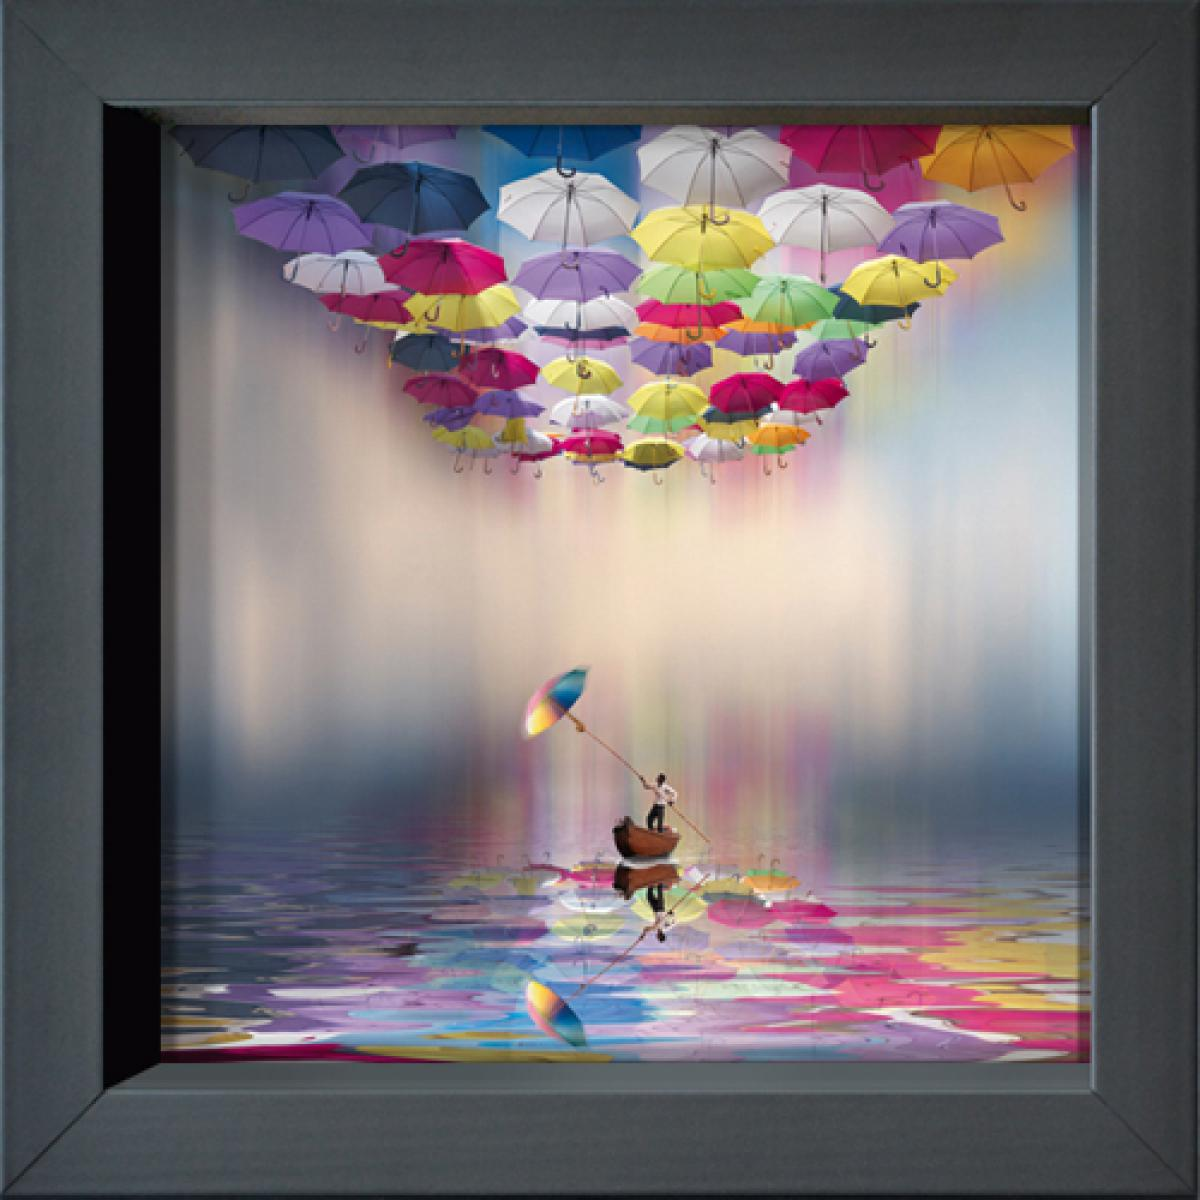 Colorer le monde : transcender